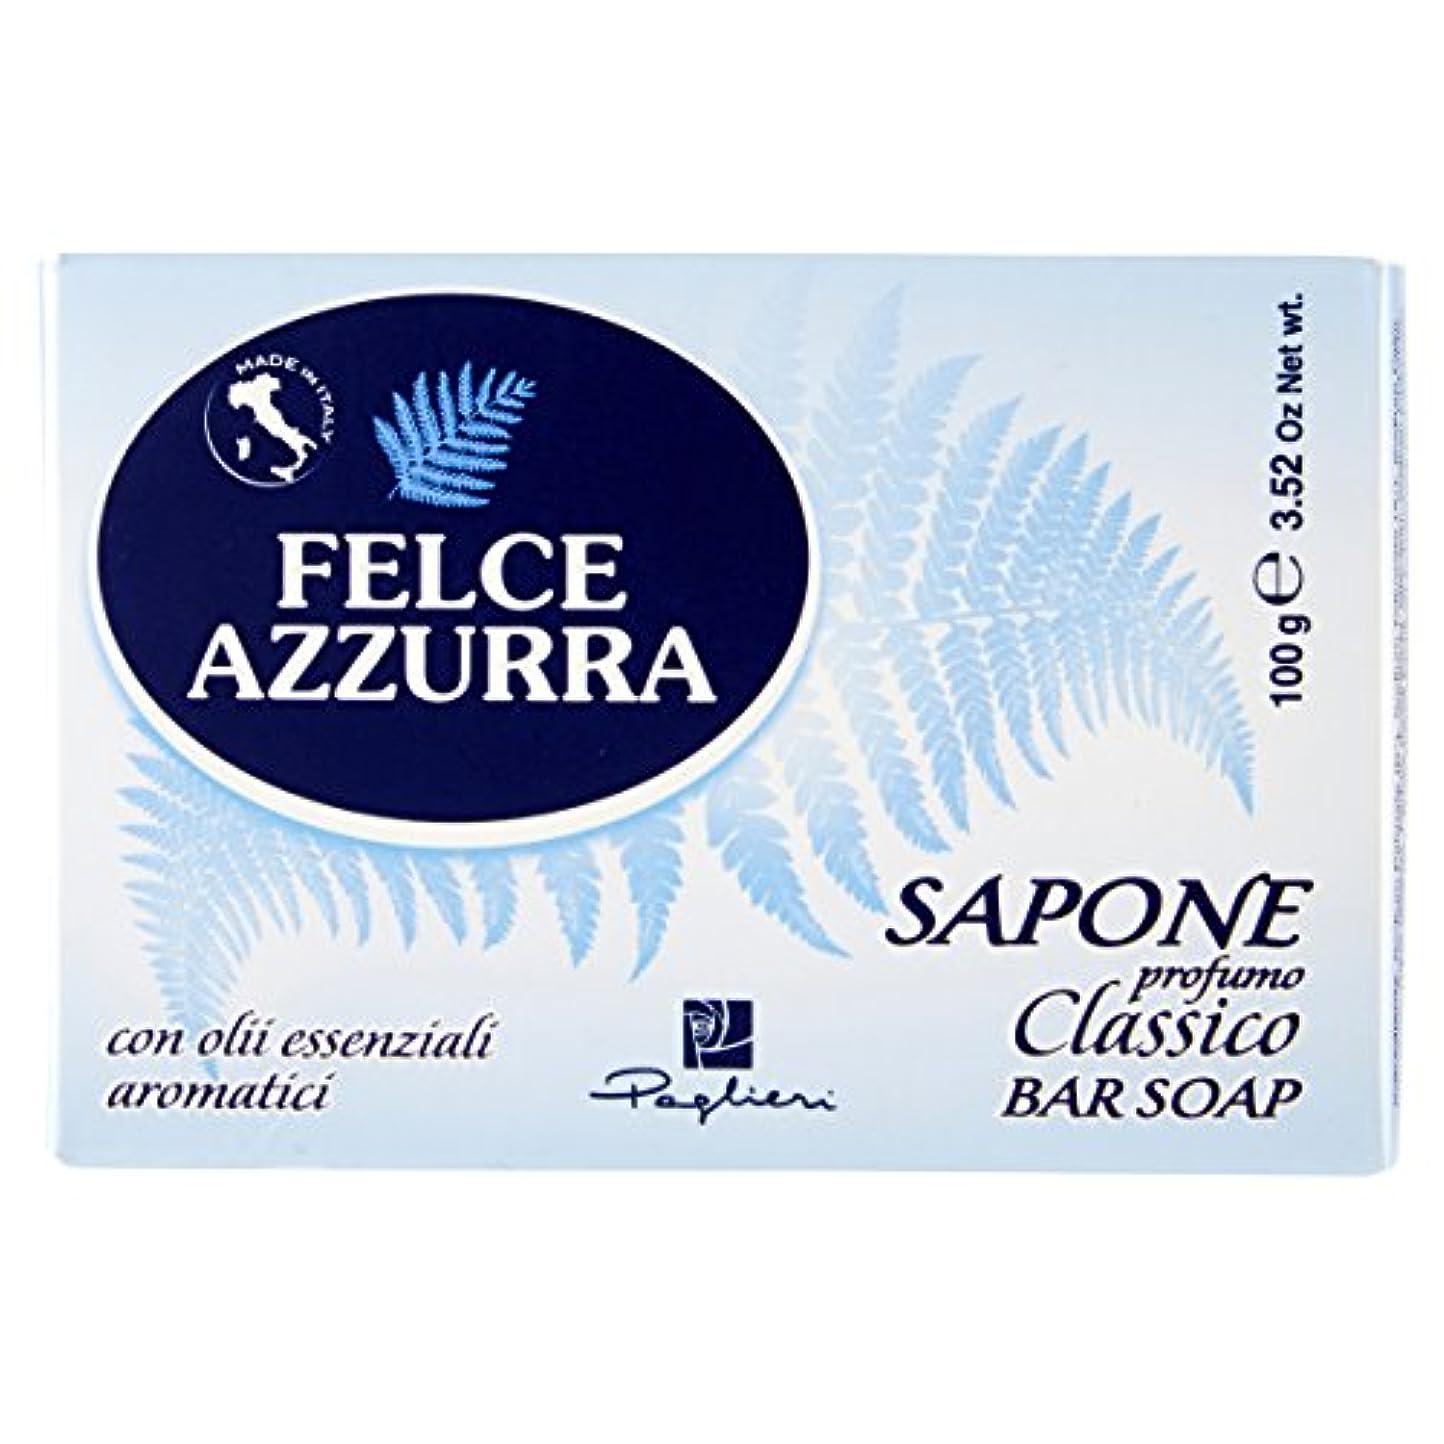 勤勉バーガー呪いFelce Azzurra Classico Bar Soap 100g soap by Felce Azzurra by Felce Azzurra